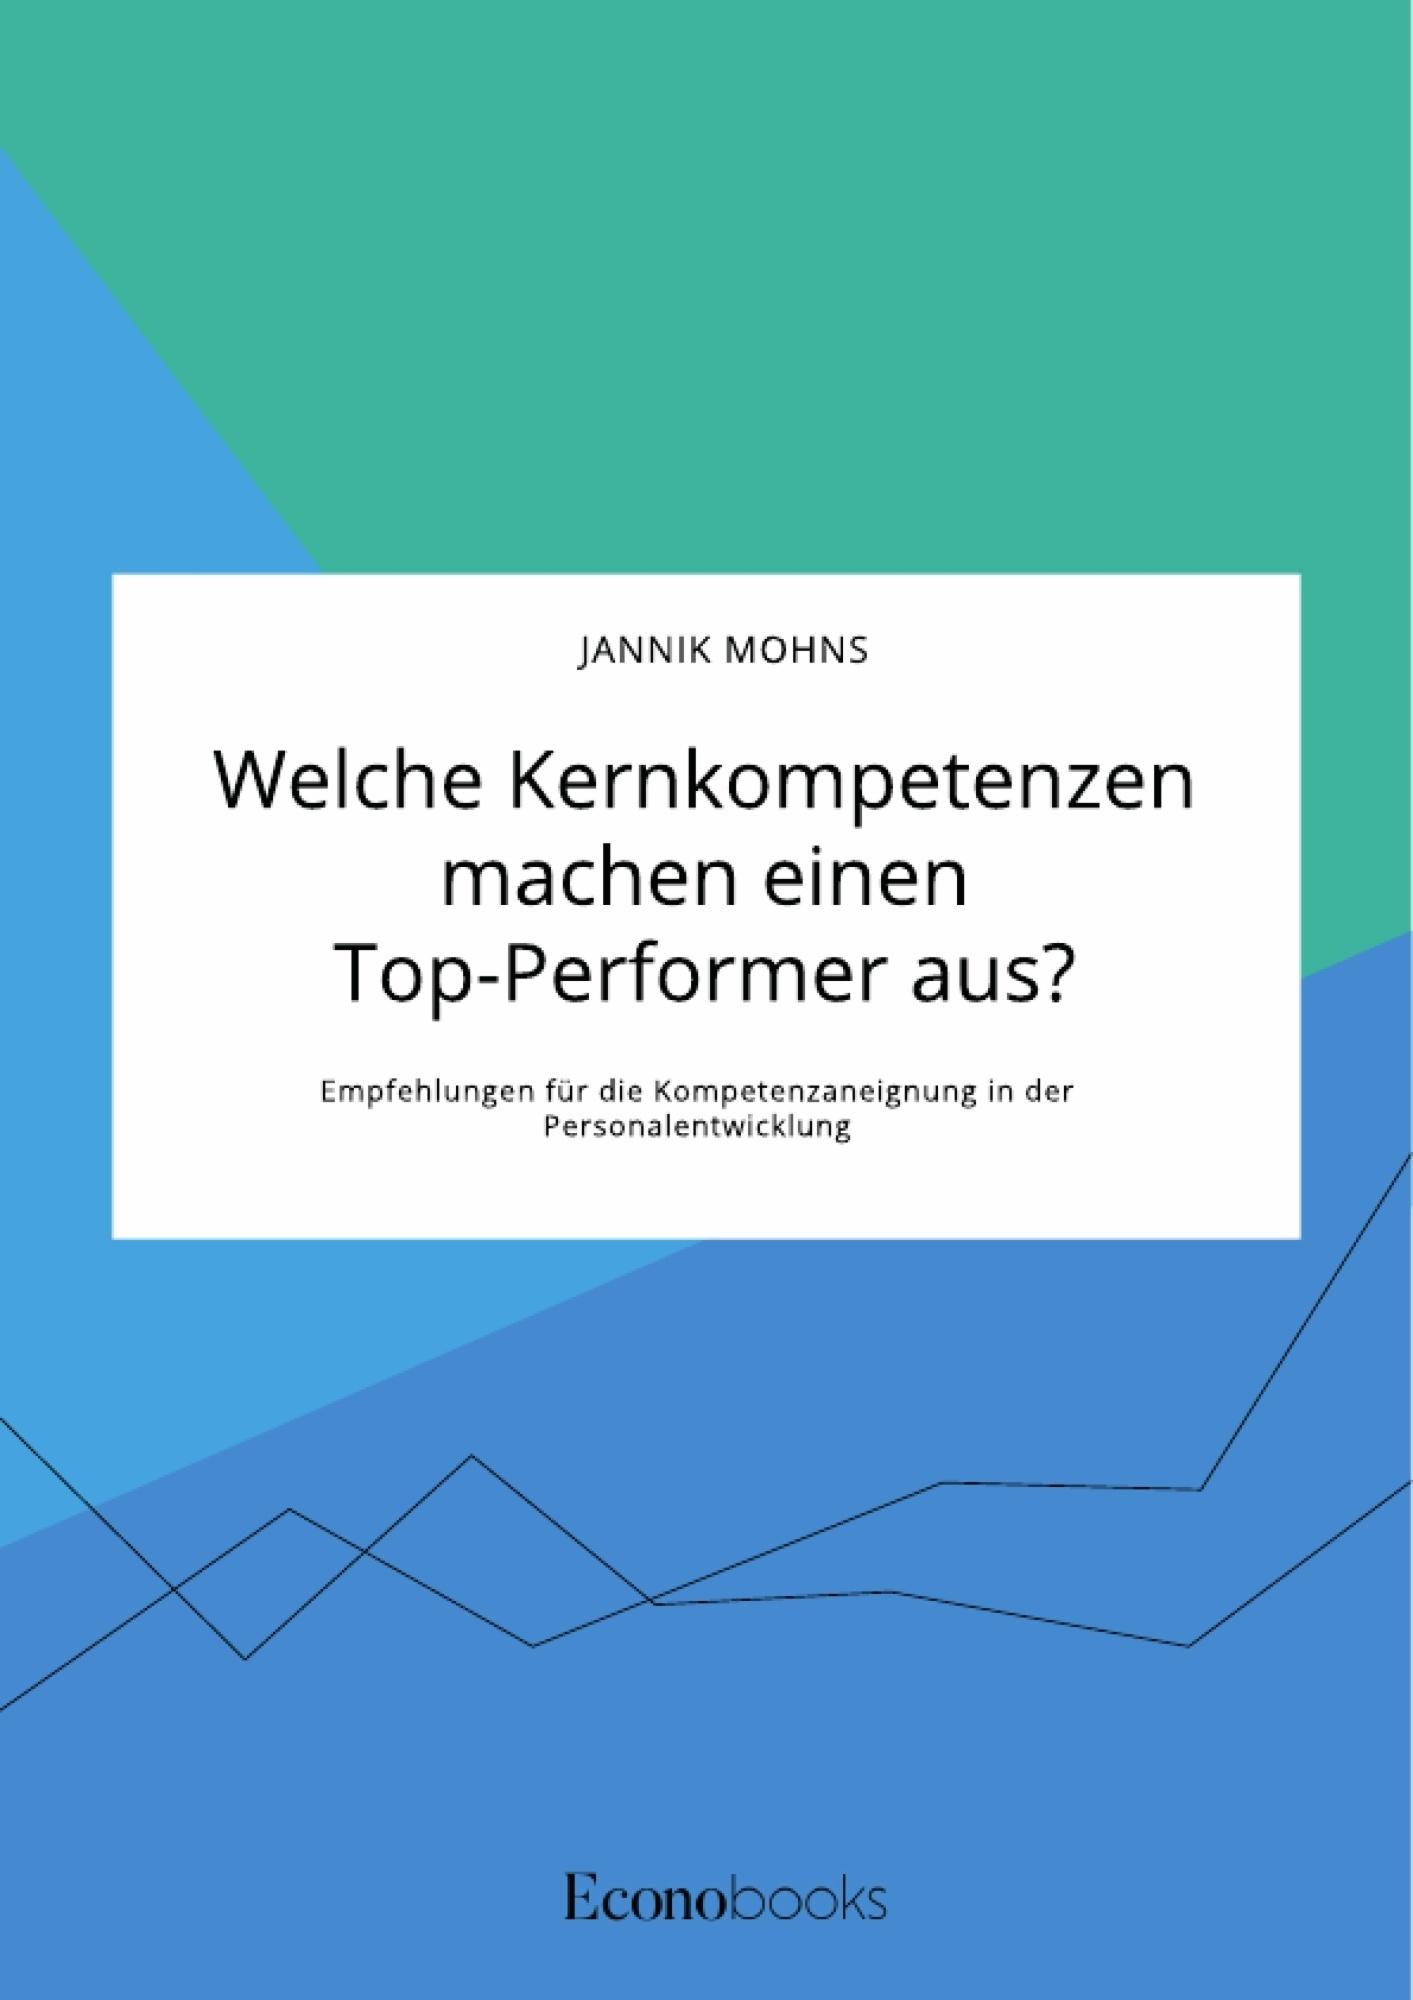 Titel: Welche Kernkompetenzen machen einen Top-Performer aus? Empfehlungen für die Kompetenzaneignung in der Personalentwicklung